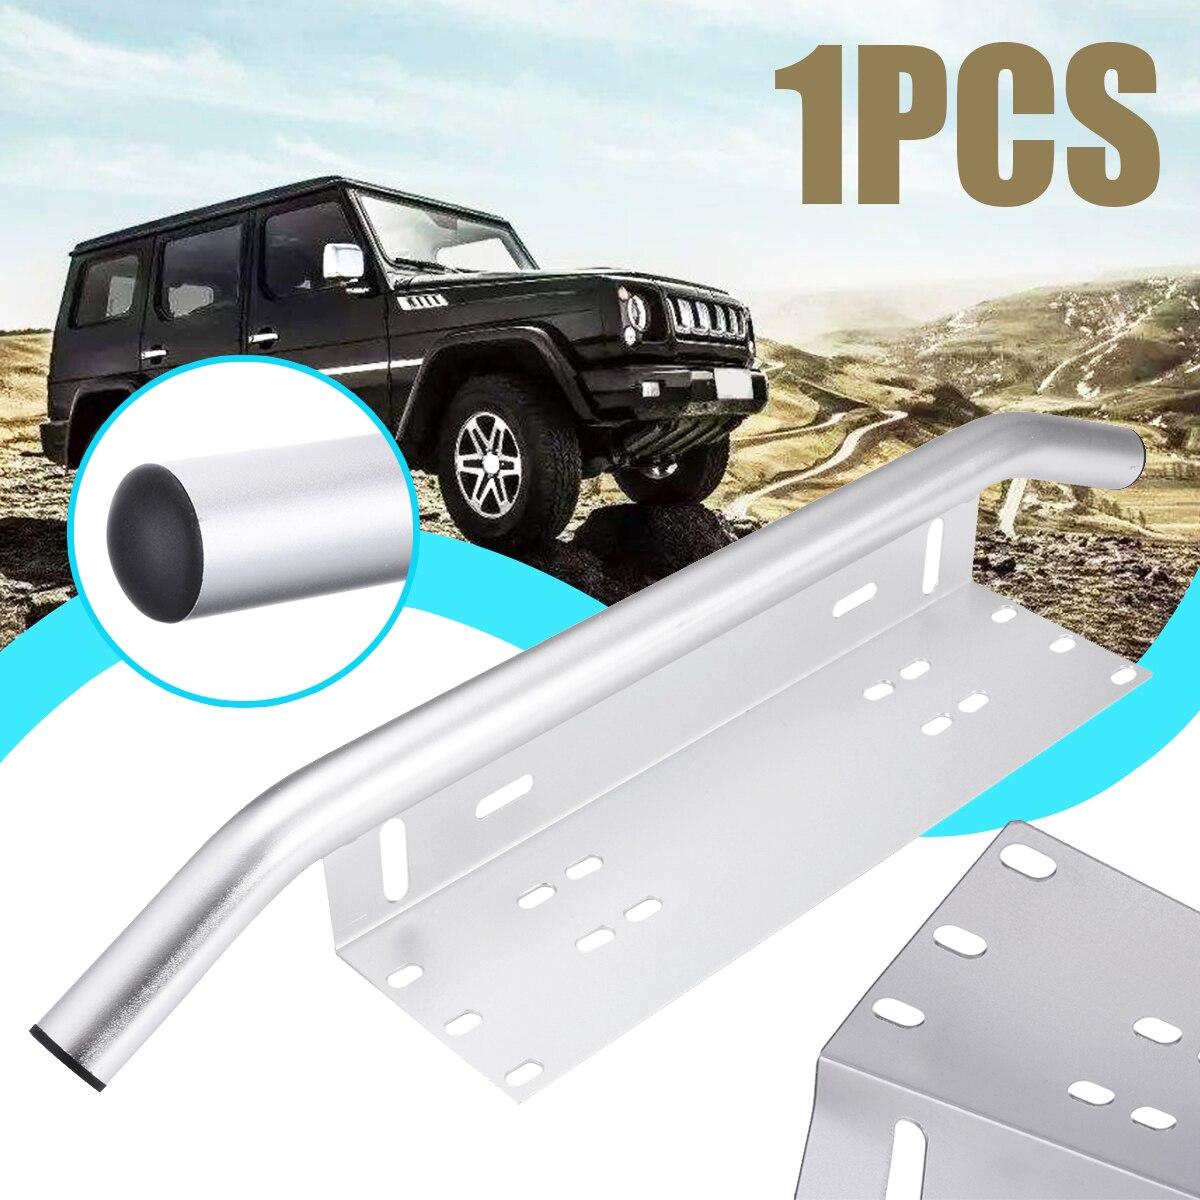 Mayitr, 1 unidad, barra parachoques para coche, soporte de montura de placa de matrícula, soporte de luz cromado, Compatible con faros antiniebla, lámpara LED de trabajo